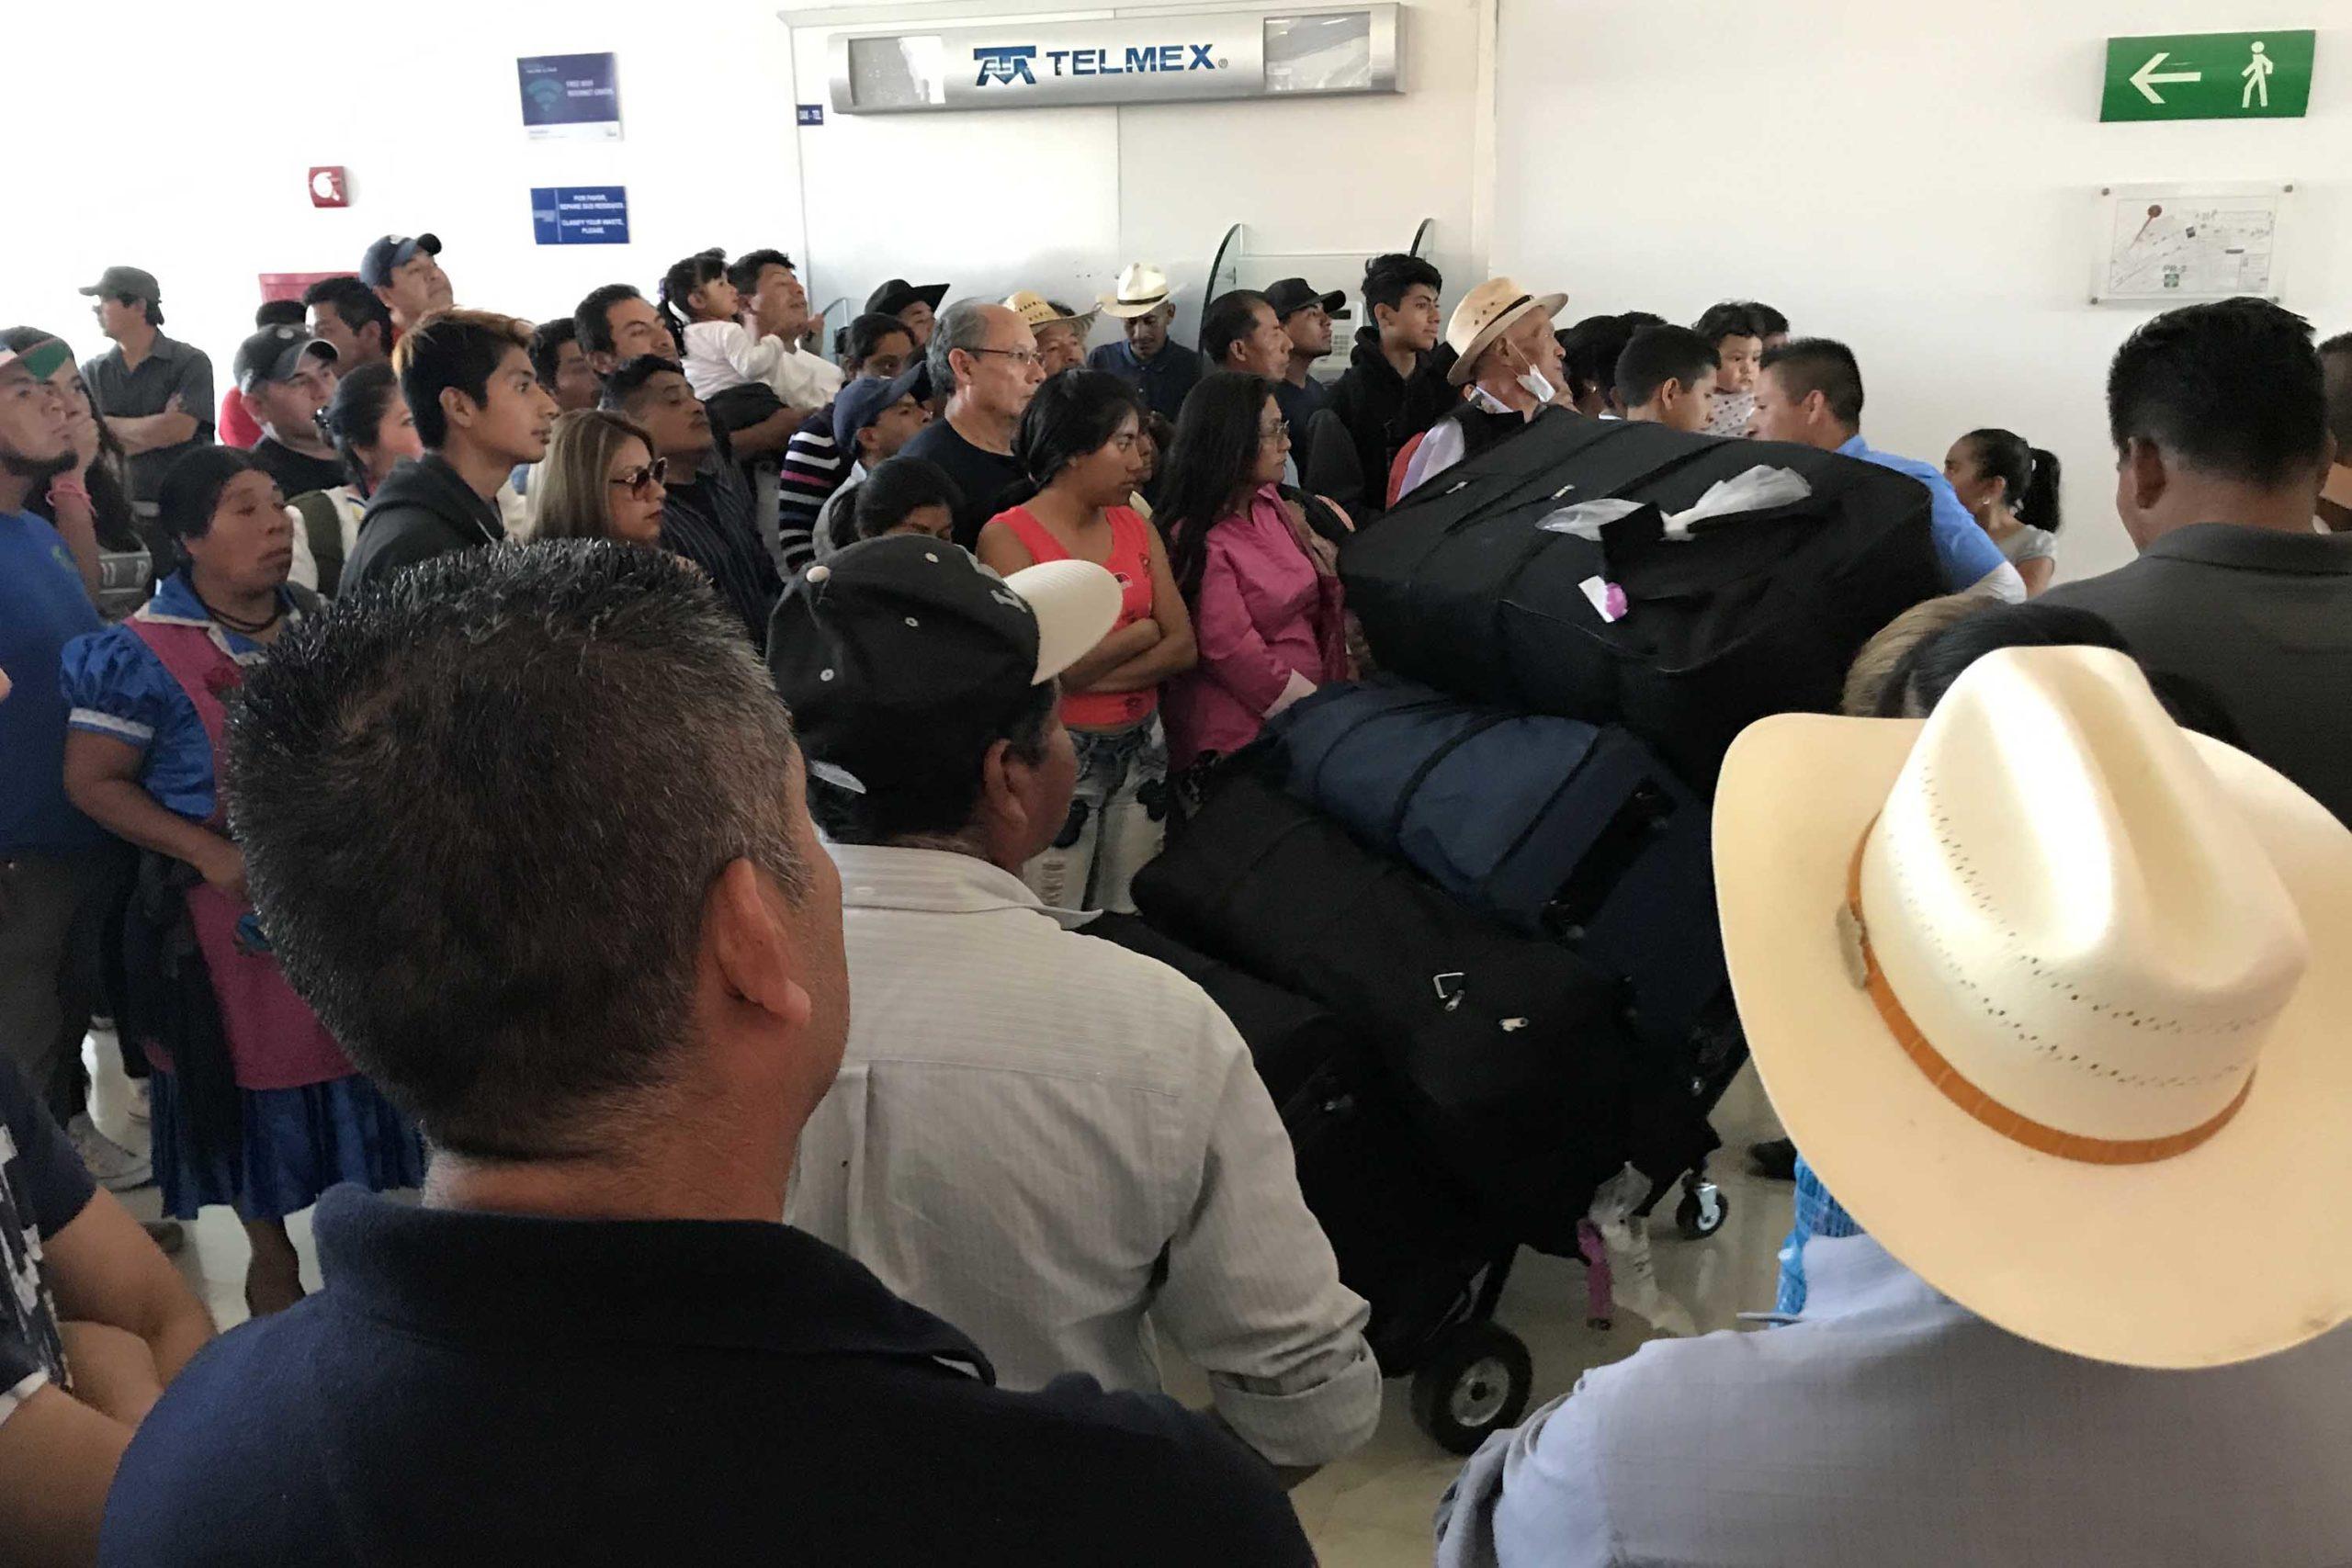 Deporta EU a 4 mil 500  migrantes oaxaqueños en plena contingencia | El Imparcial de Oaxaca